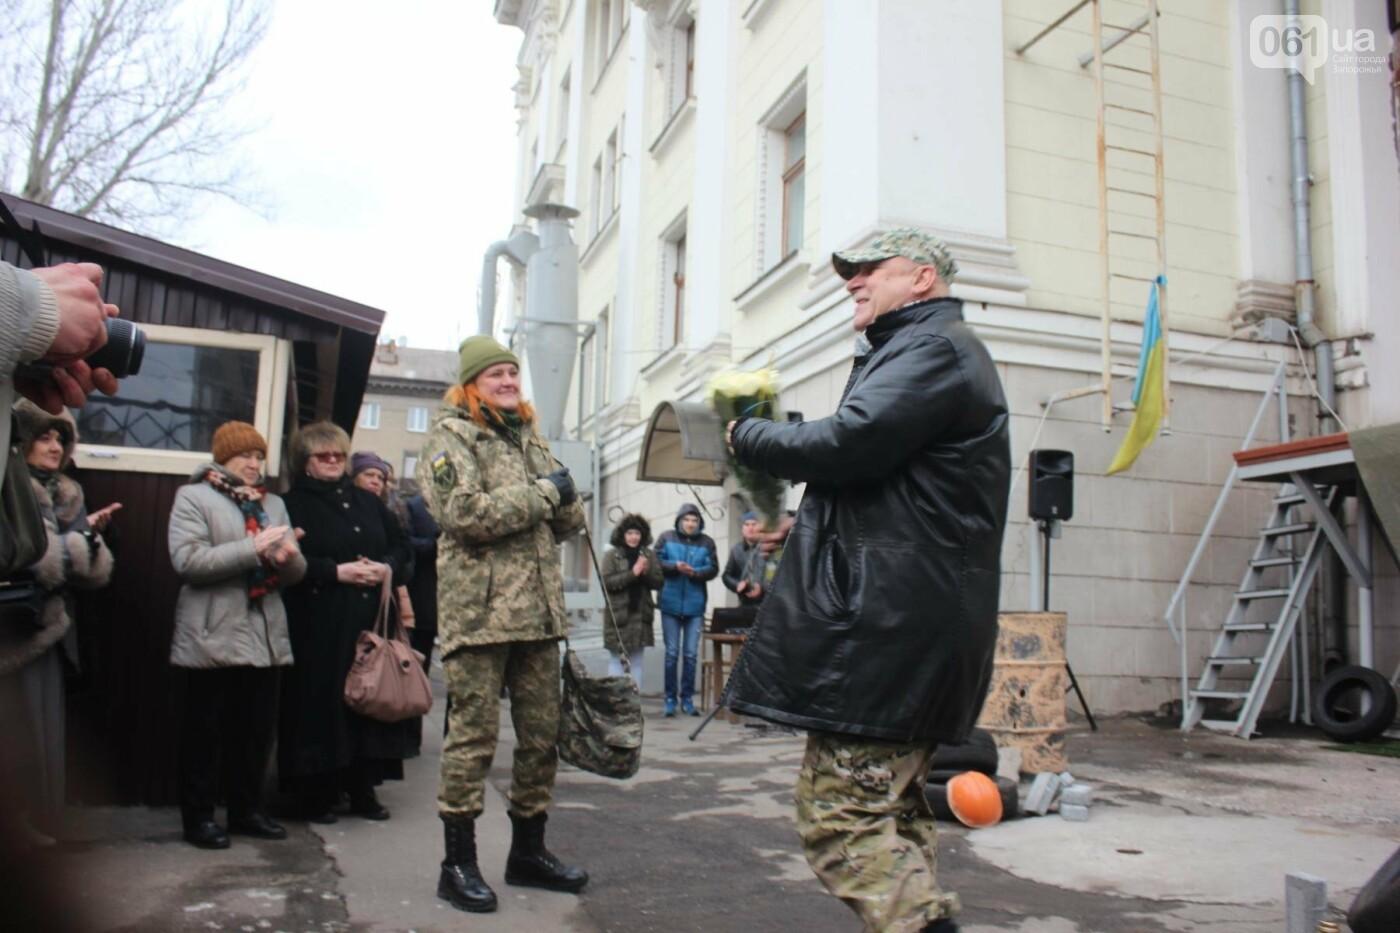 В Запорожье актеры на улице читали стихи о Майдане, - ФОТОРЕПОРТАЖ, фото-3